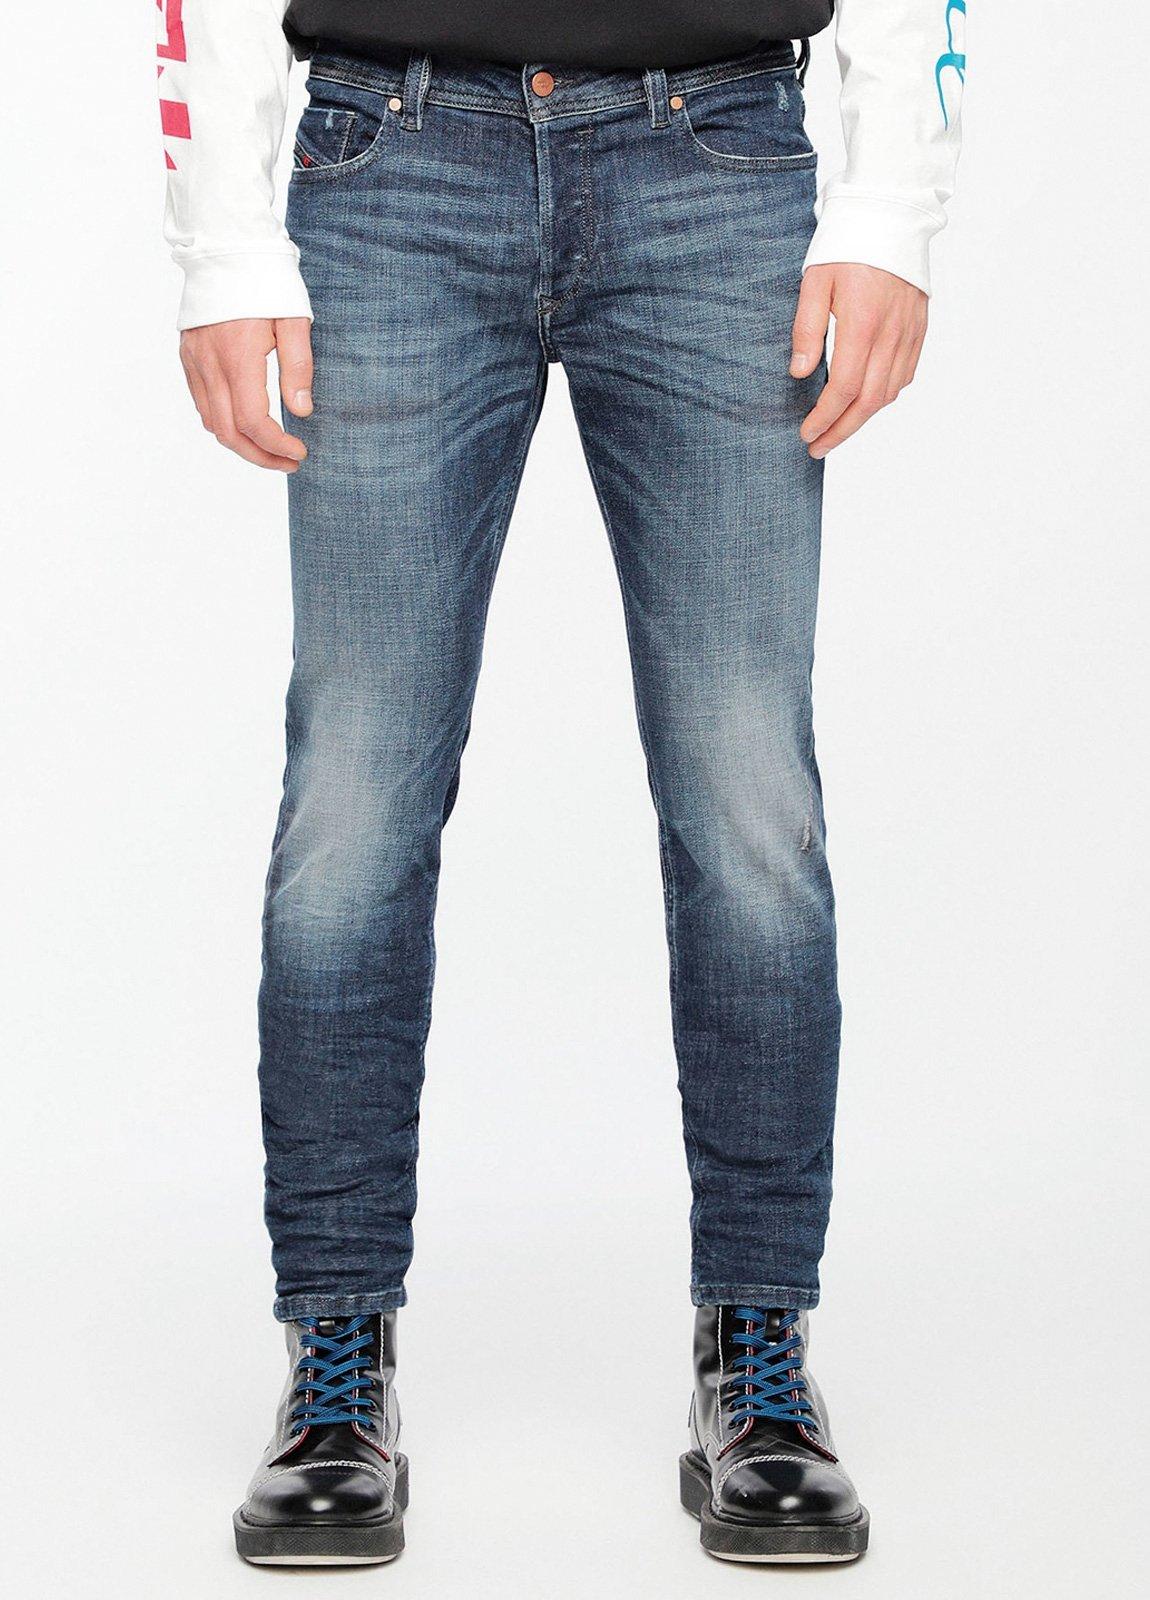 Pantalón tejano skinny modelo SLEENKER color azul lavado. 95% Algodón 3% Poliéster 2% Elastáno.